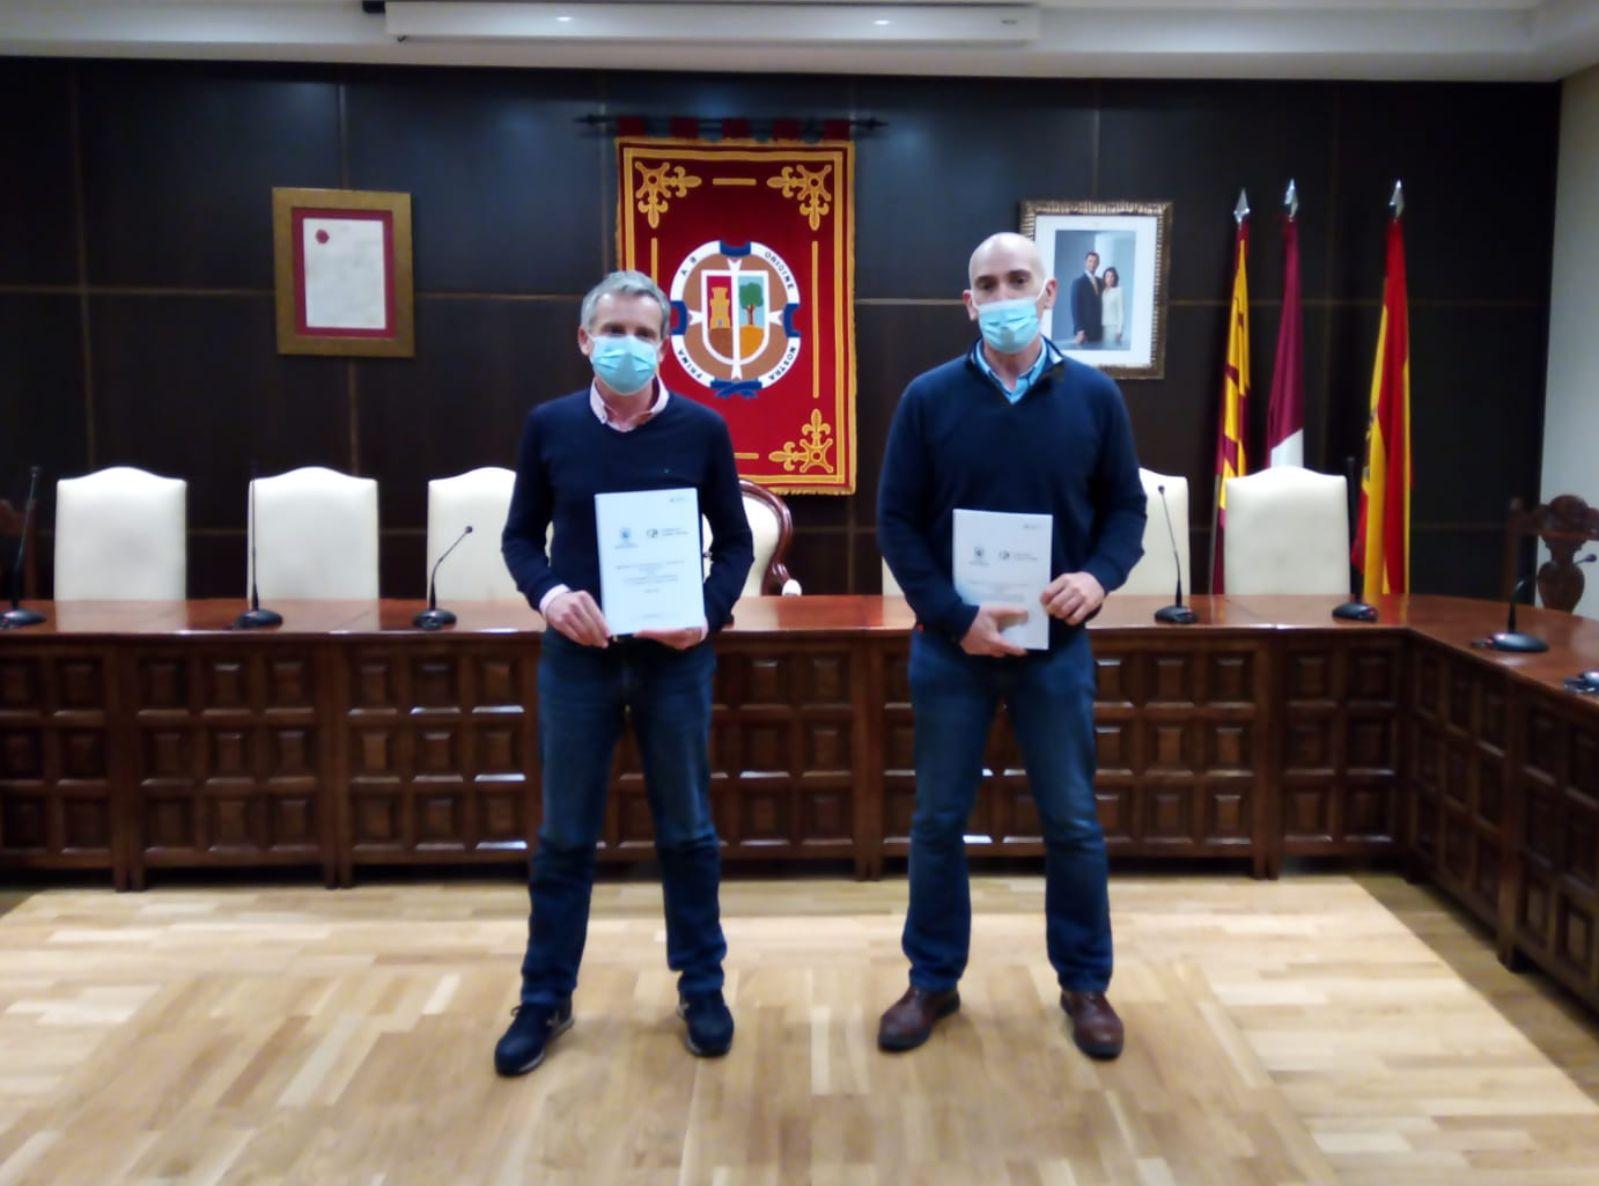 Madridejos y Fundación Global Nature renuevan por octavo año su unión por el cuidado del patrimonio natural